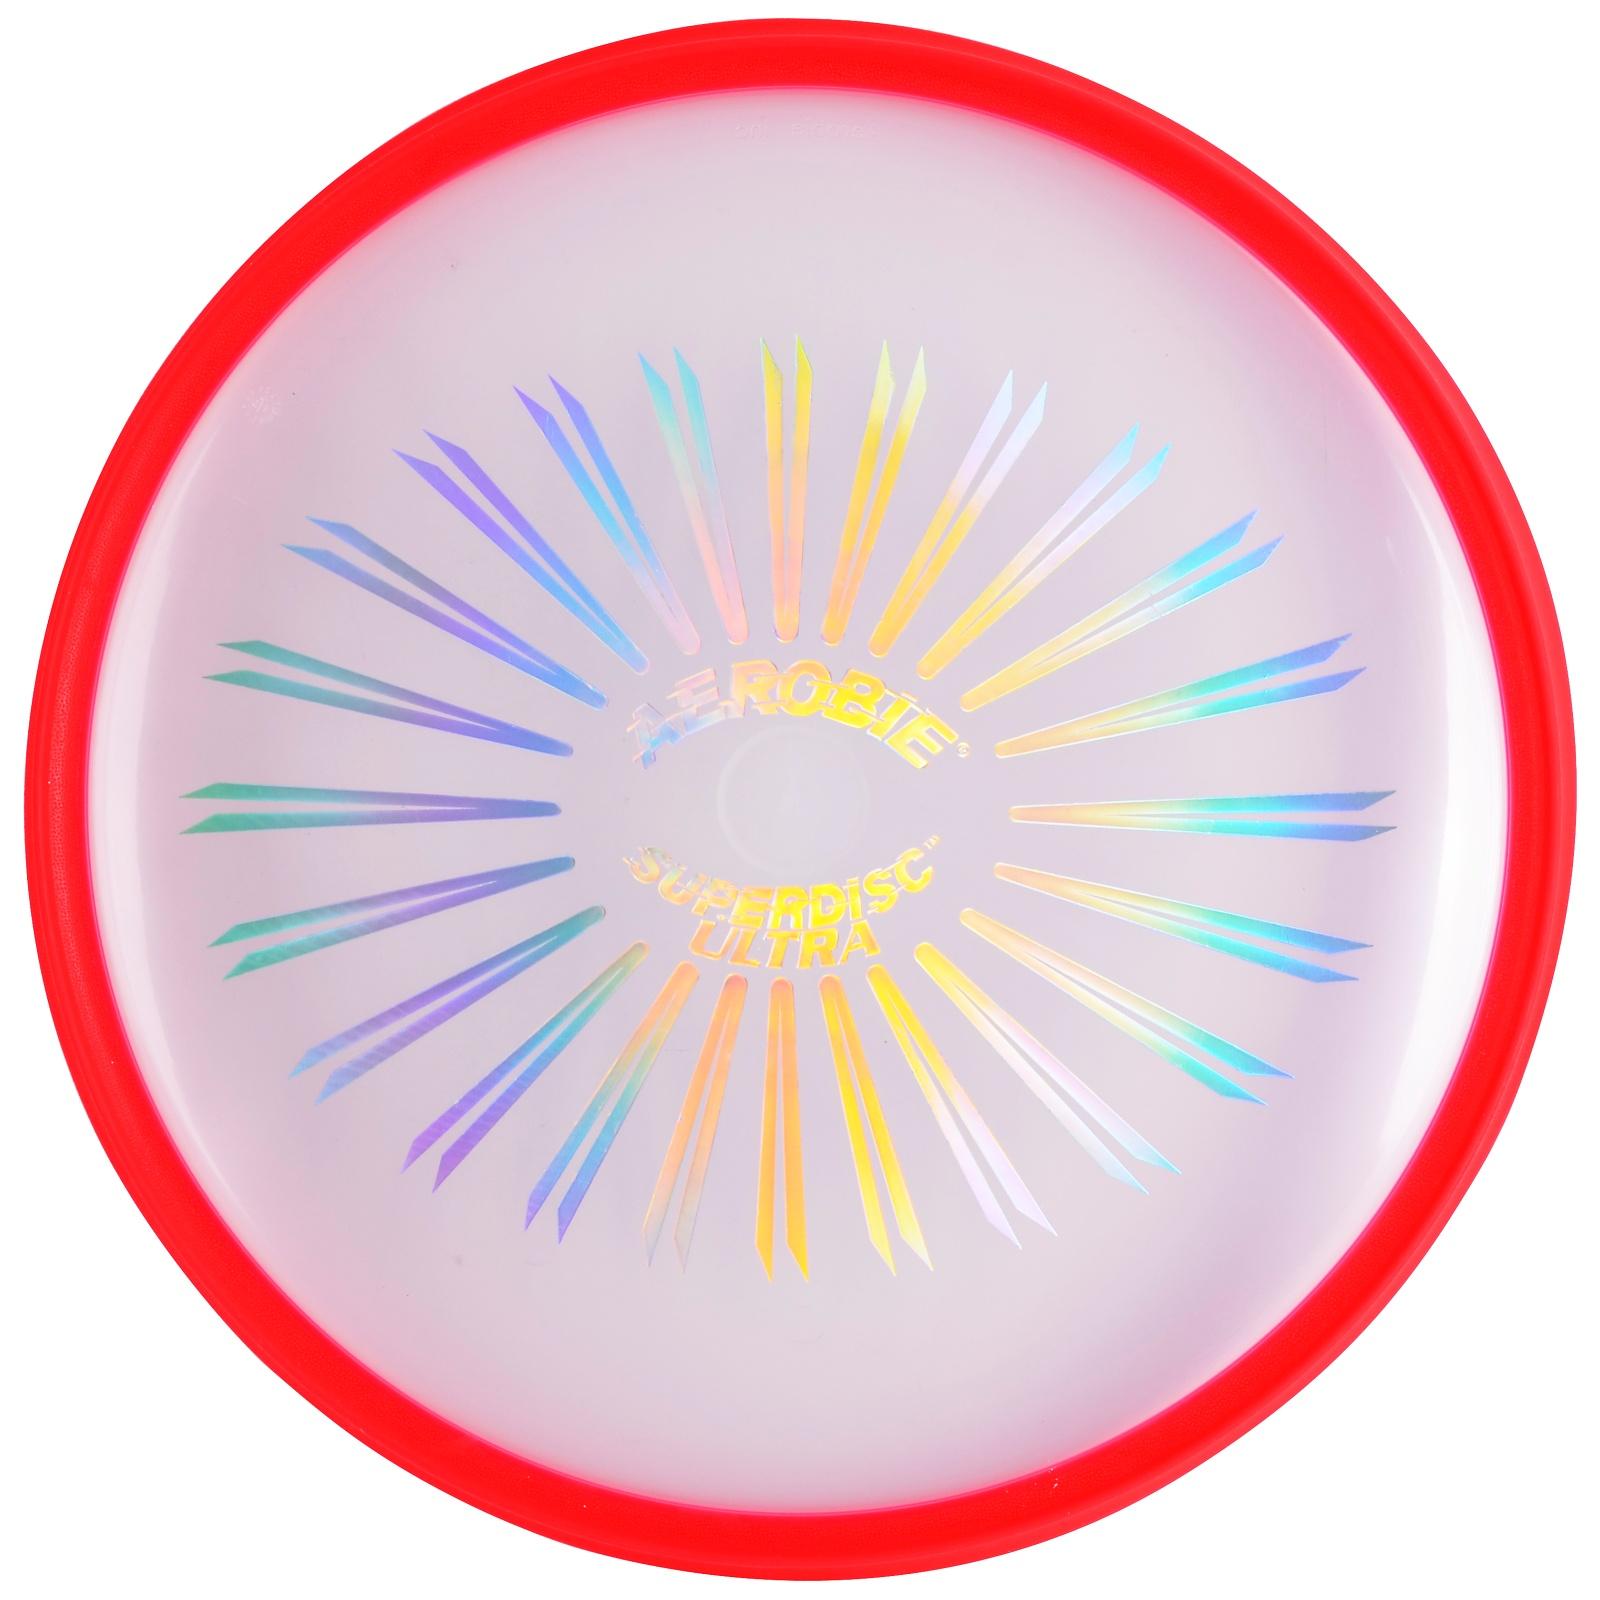 Létající talíř AEROBIE Superdisc Ultra - červený